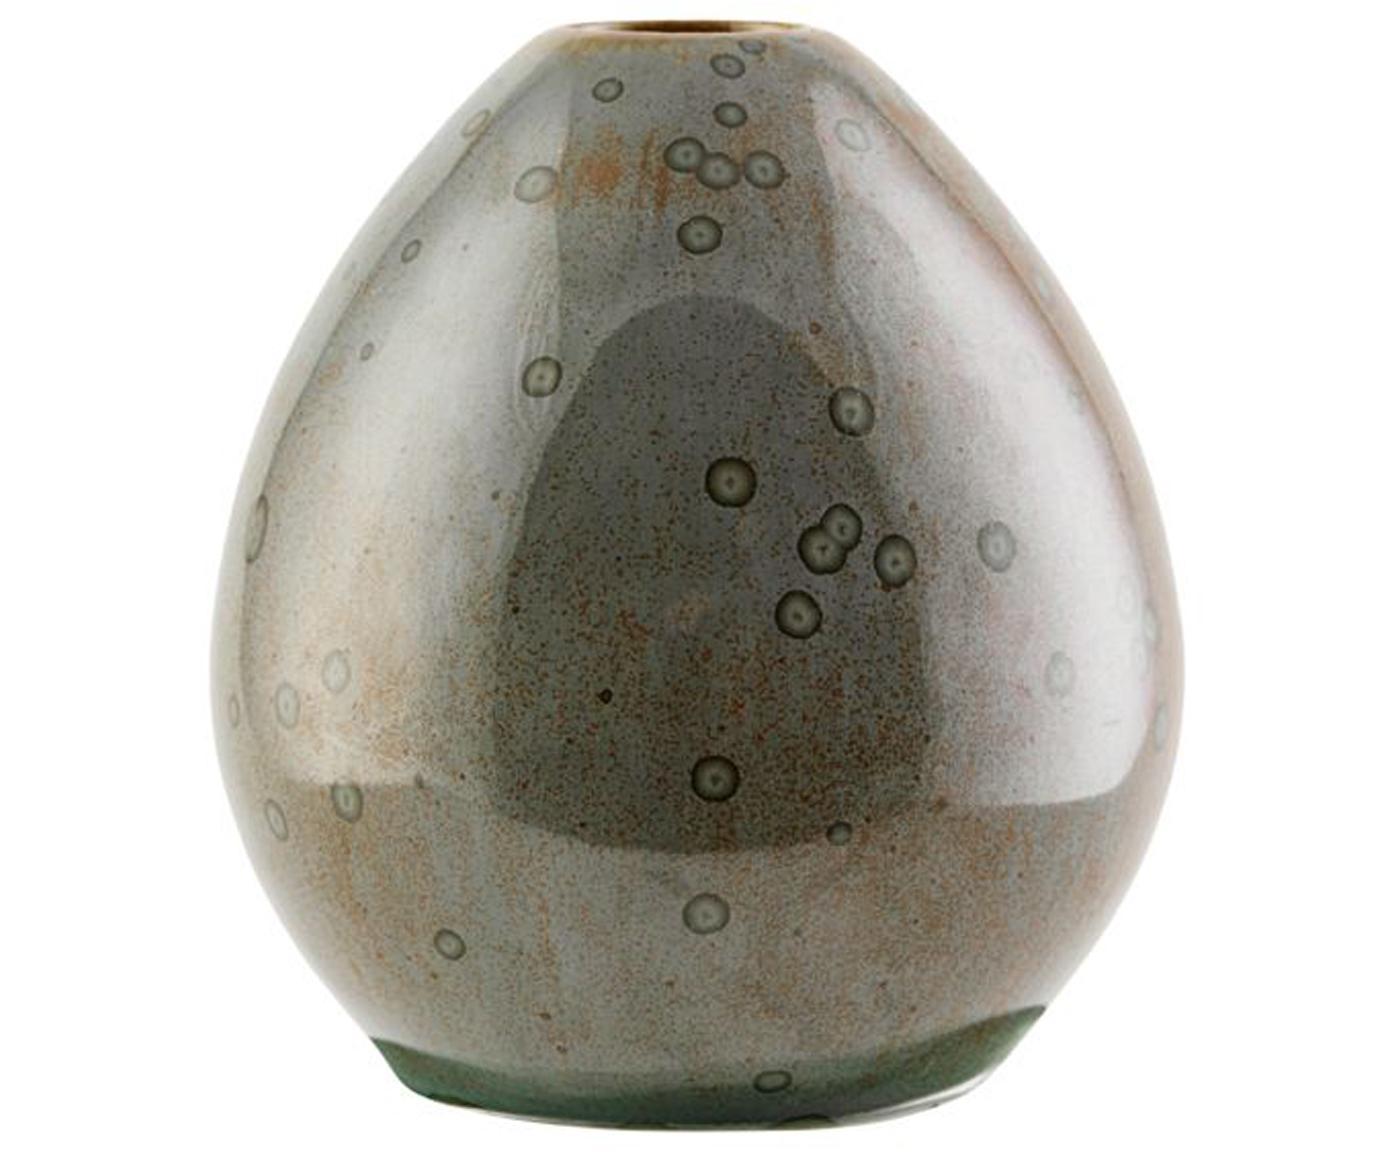 Jarrón artesanal pequeño de gres Baby, Gres, Marrón, brillante, Ø 9 x Al 10 cm